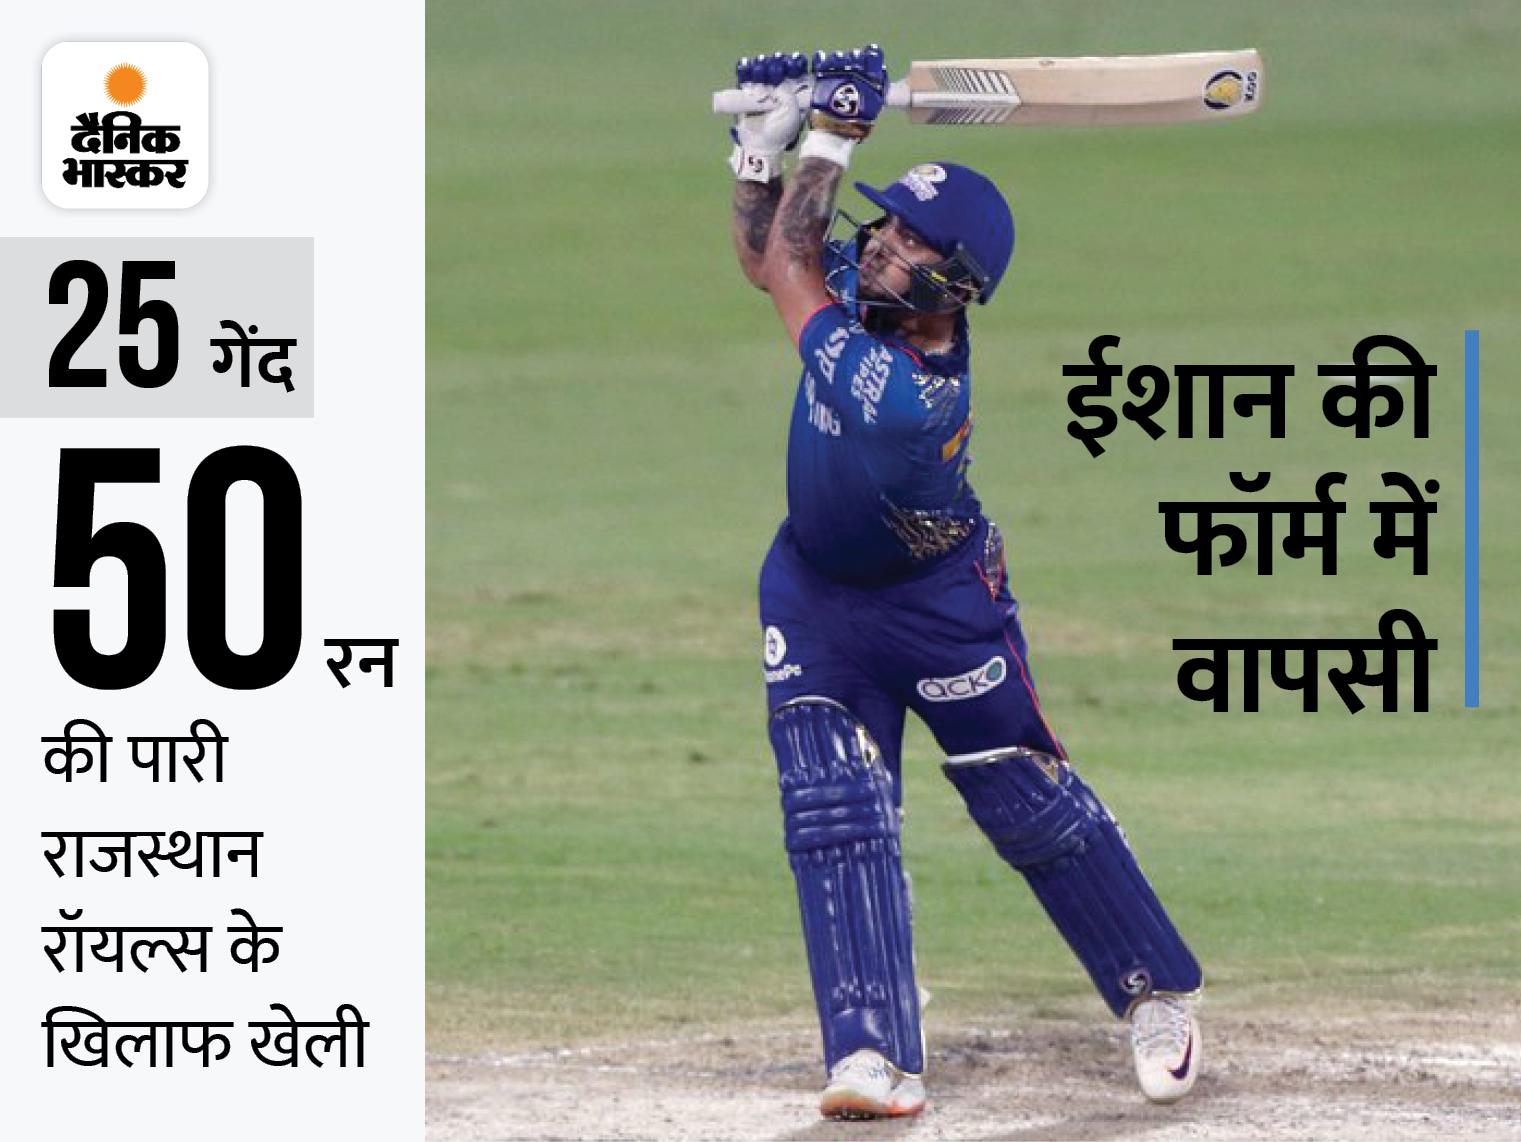 राजस्थान के खिलाफ ईशान की पारी के बाद बड़े भाई बोले- परिवार को इसी पारी का था इंतजार, अब उनसे बात हो पाएगी|IPL 2021,IPL 2021 - Dainik Bhaskar